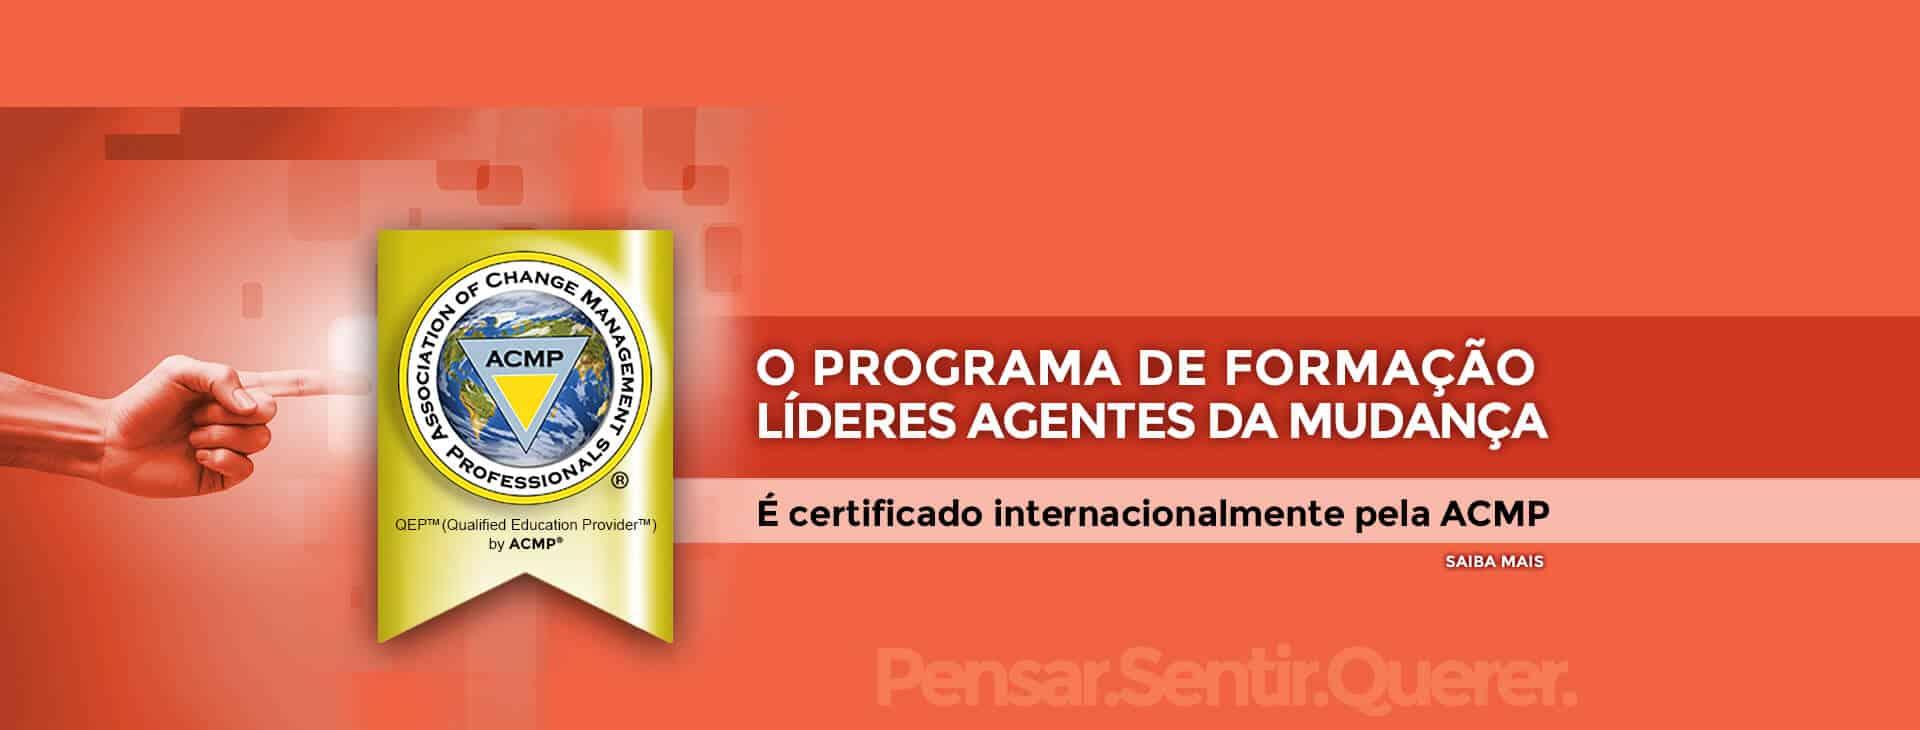 O Programa de Formação de Líderes Agentes da Mudança é certificado internacionalmente pela ACMP